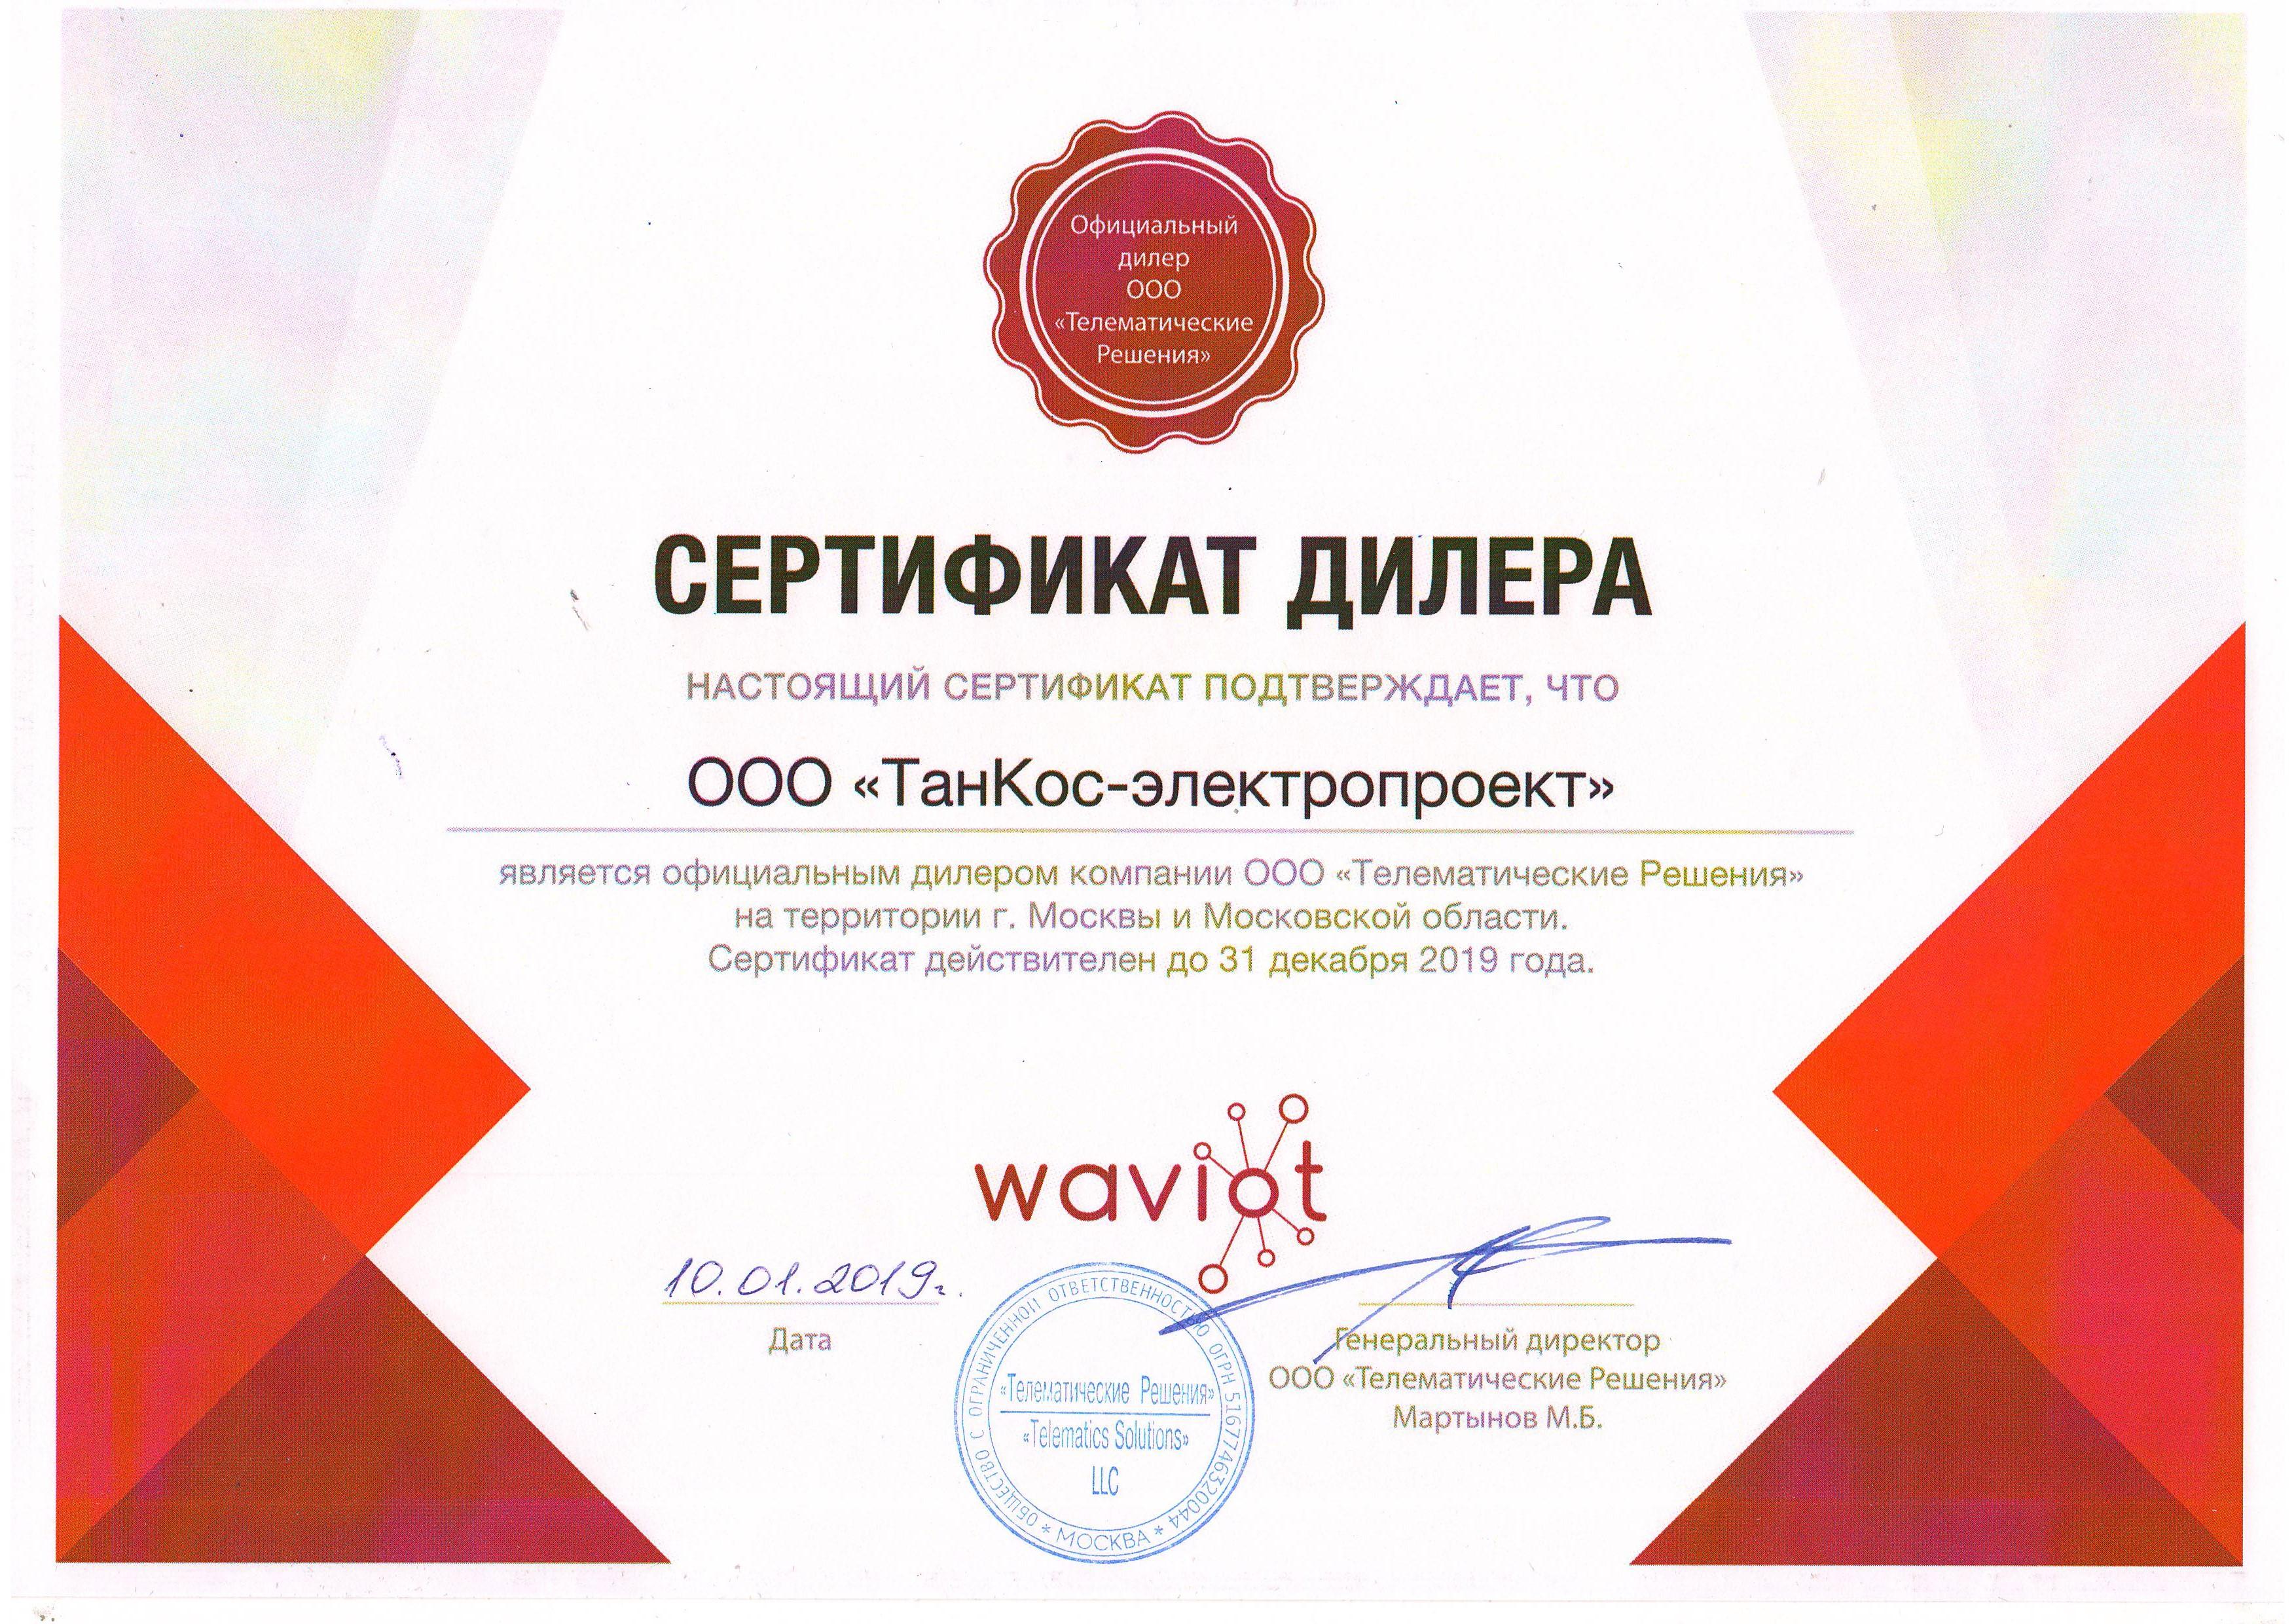 """ООО """"ТанКос-электропроект"""" - официальный партнер Вавиот"""